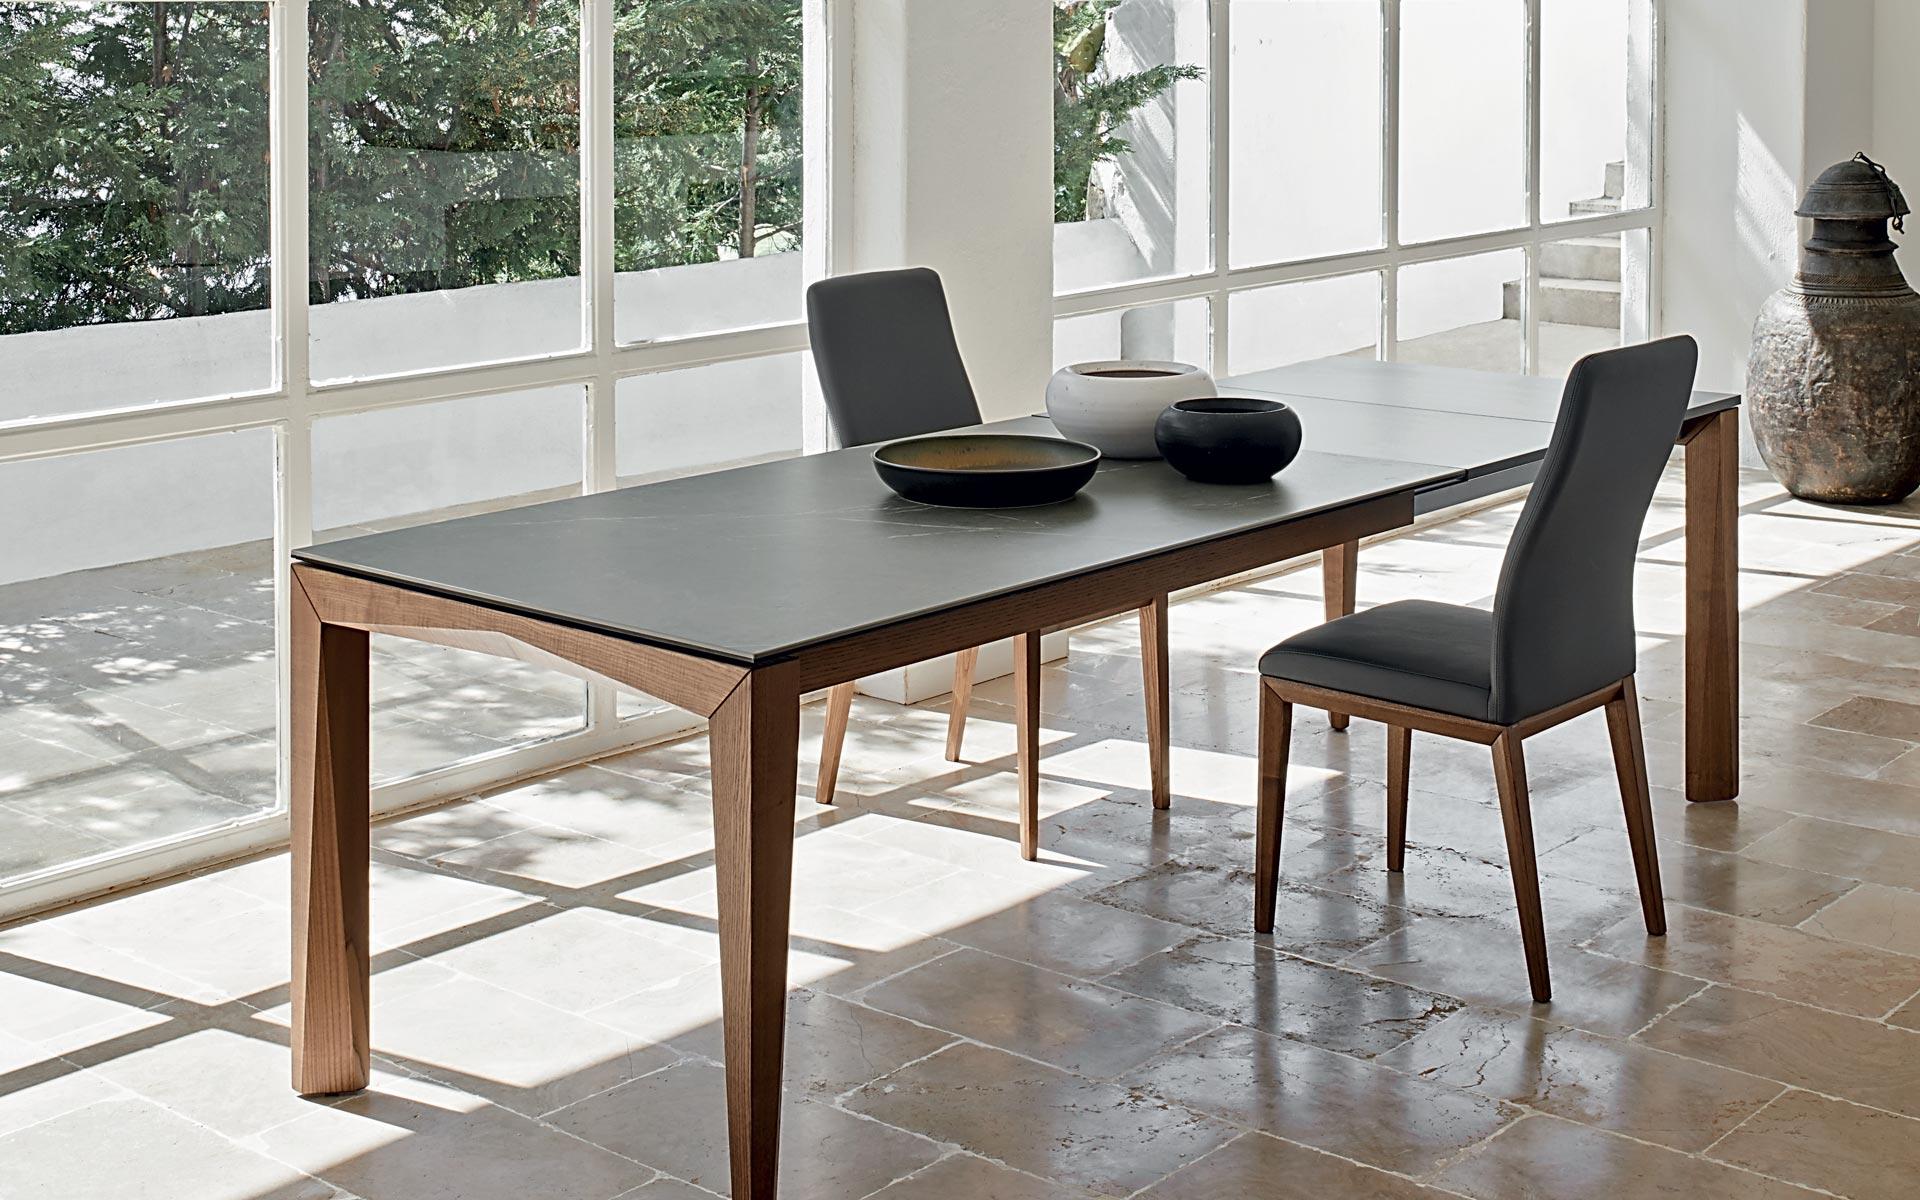 Friulsedie u2013 contemporary living produzione di sedie e tavoli